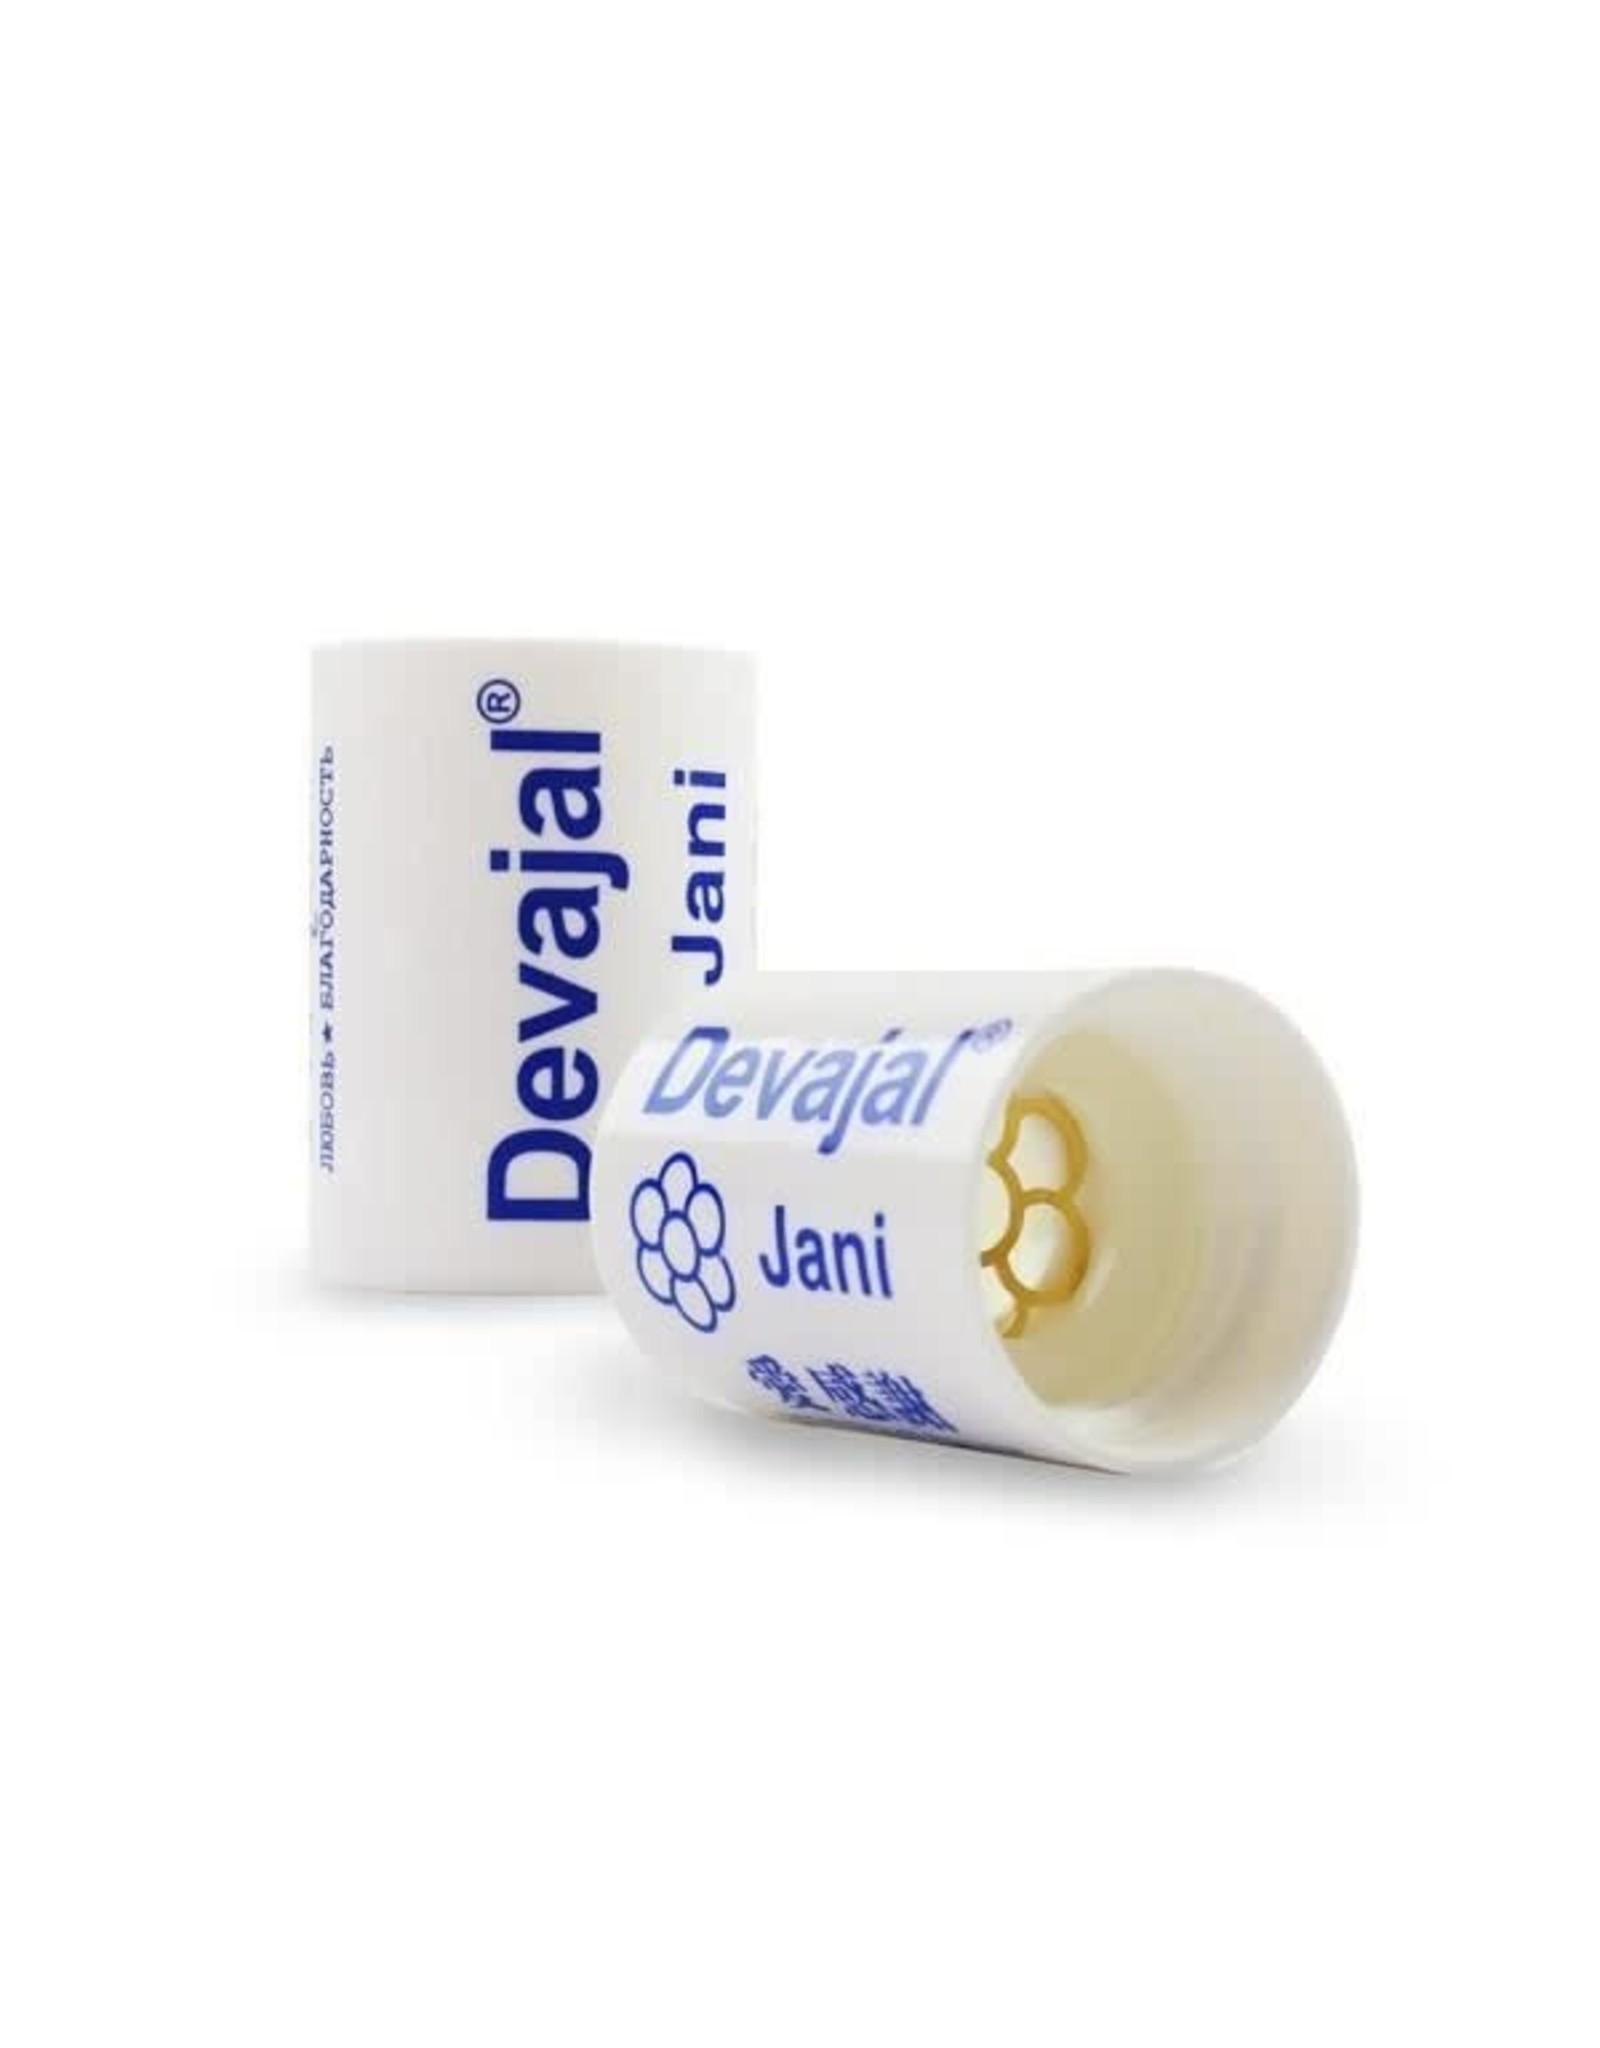 Devajal Devajal blanc